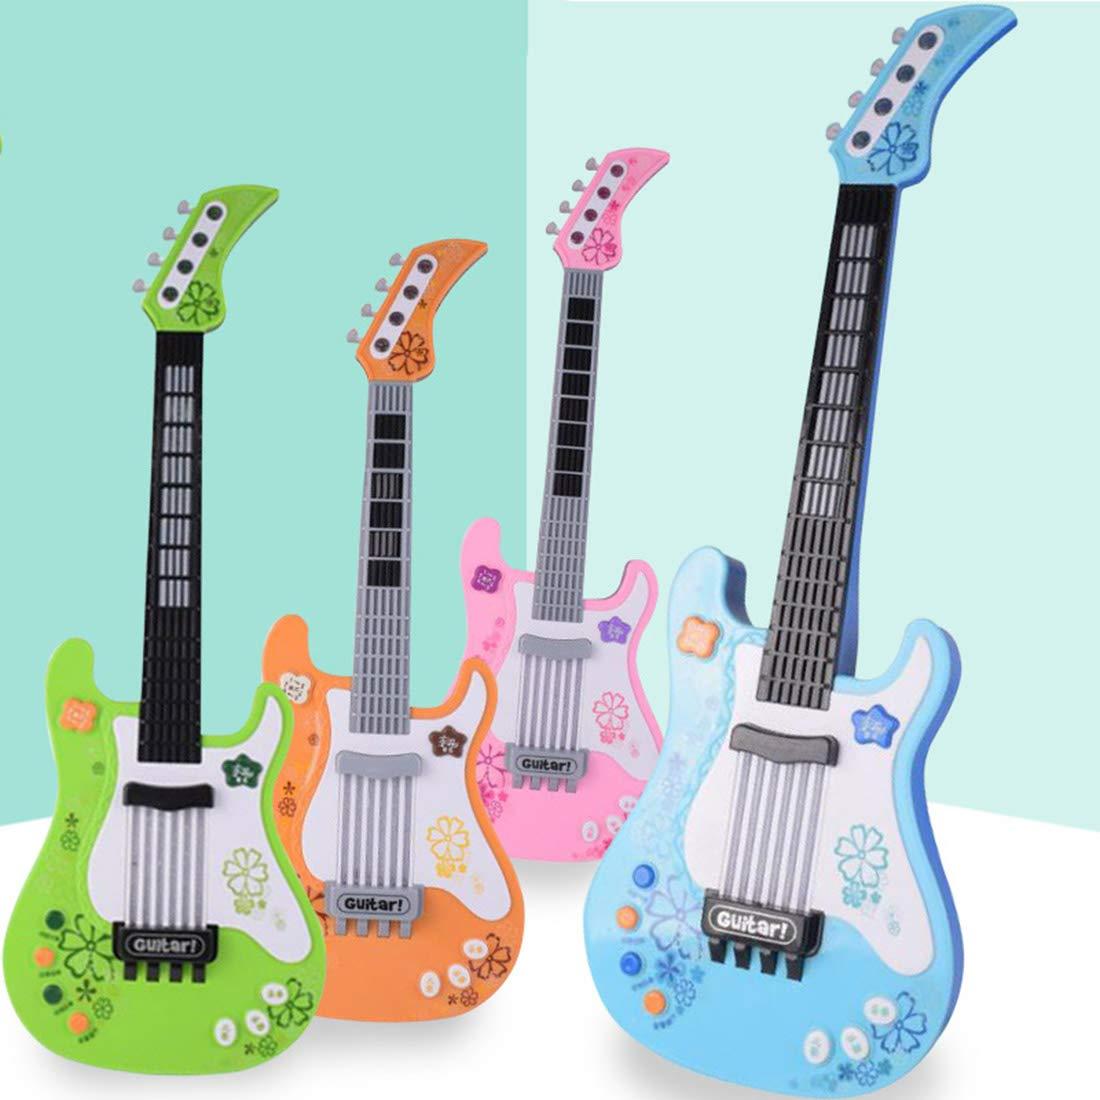 MRKE Guitarra Electrica Niños 57cm Rock Juguete de Instrumentos Musicales con Luces de Colores para Infantil Niño y Niña 3-7 Años (Verde): Amazon.es: ...